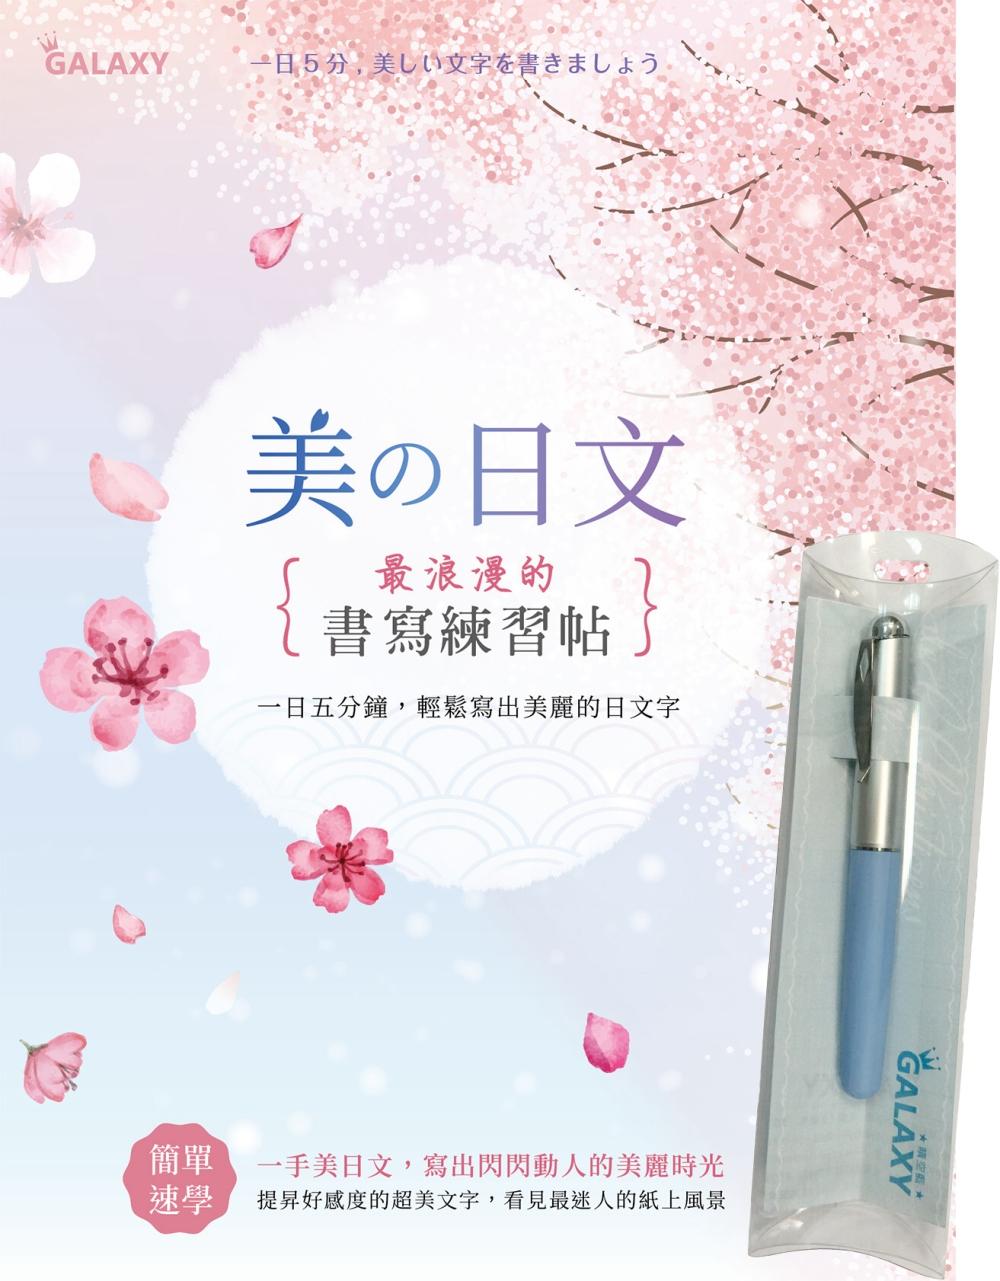 【Galaxy:晴空藍鋼筆】X《美の日文‧浪漫的書寫練習帖》